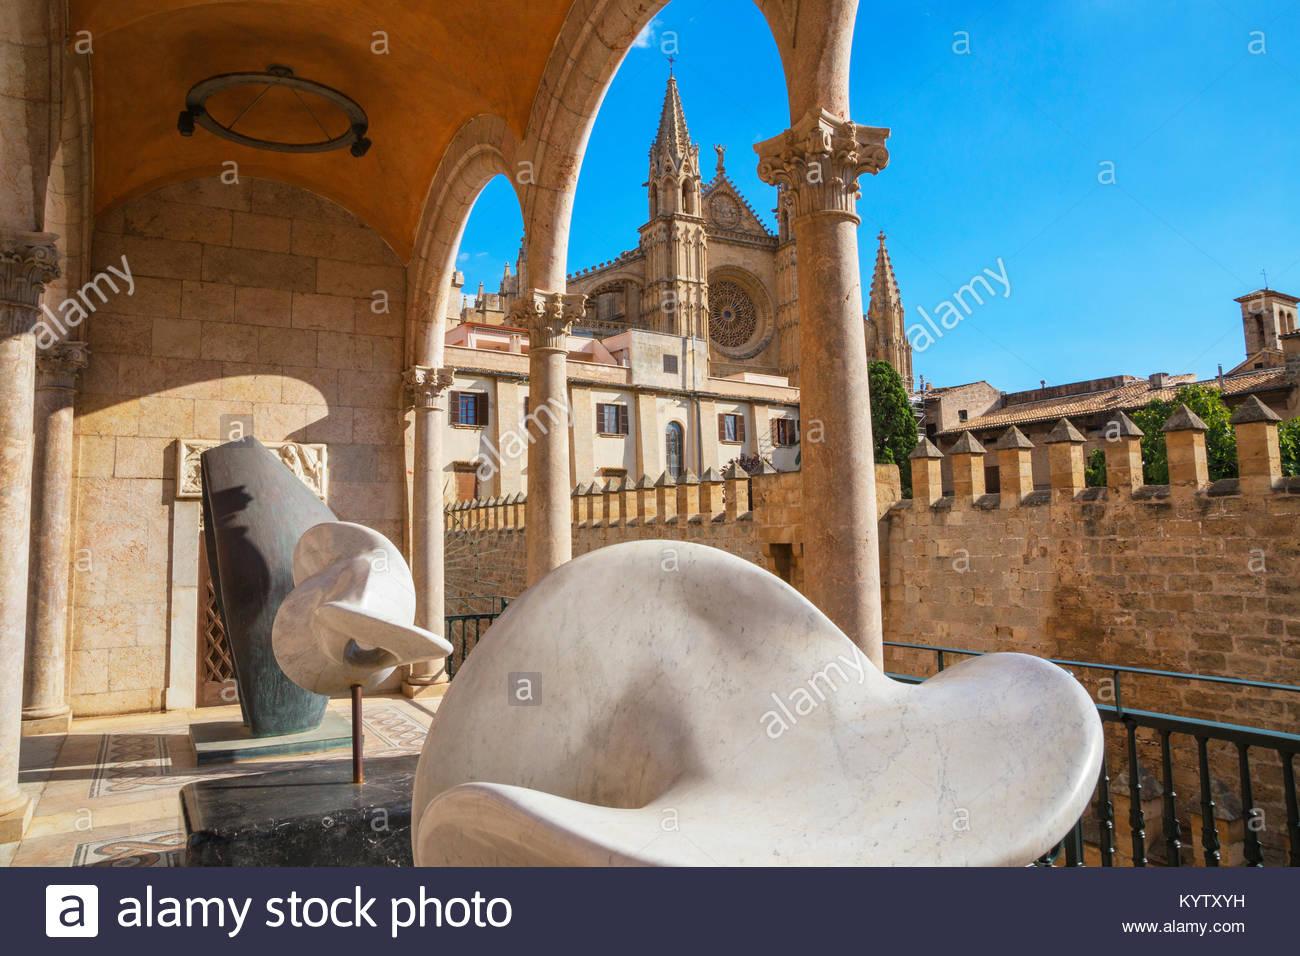 Die Kathedrale La Seu, Palma de Mallorca, Mallorca, Balearen, Spanien, Europa Stockbild